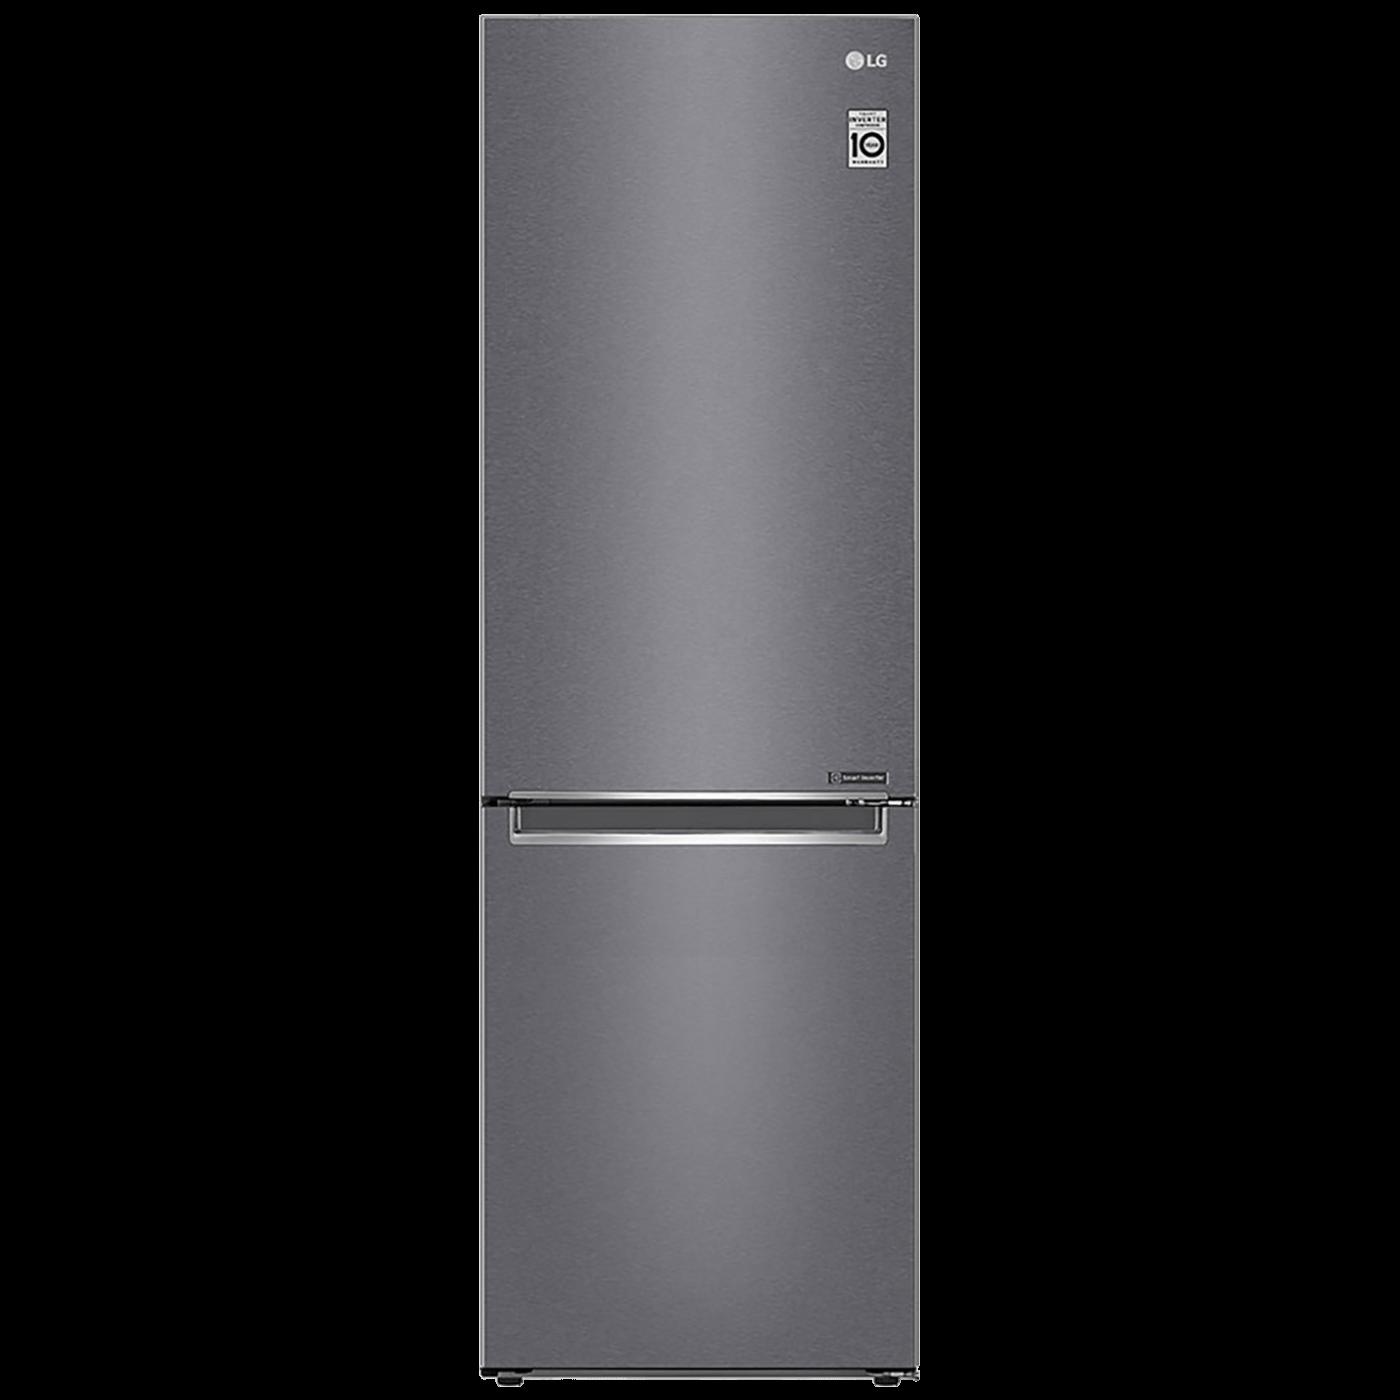 Frižider/zamrzivač, No Frost, zapremina 341 lit., A++